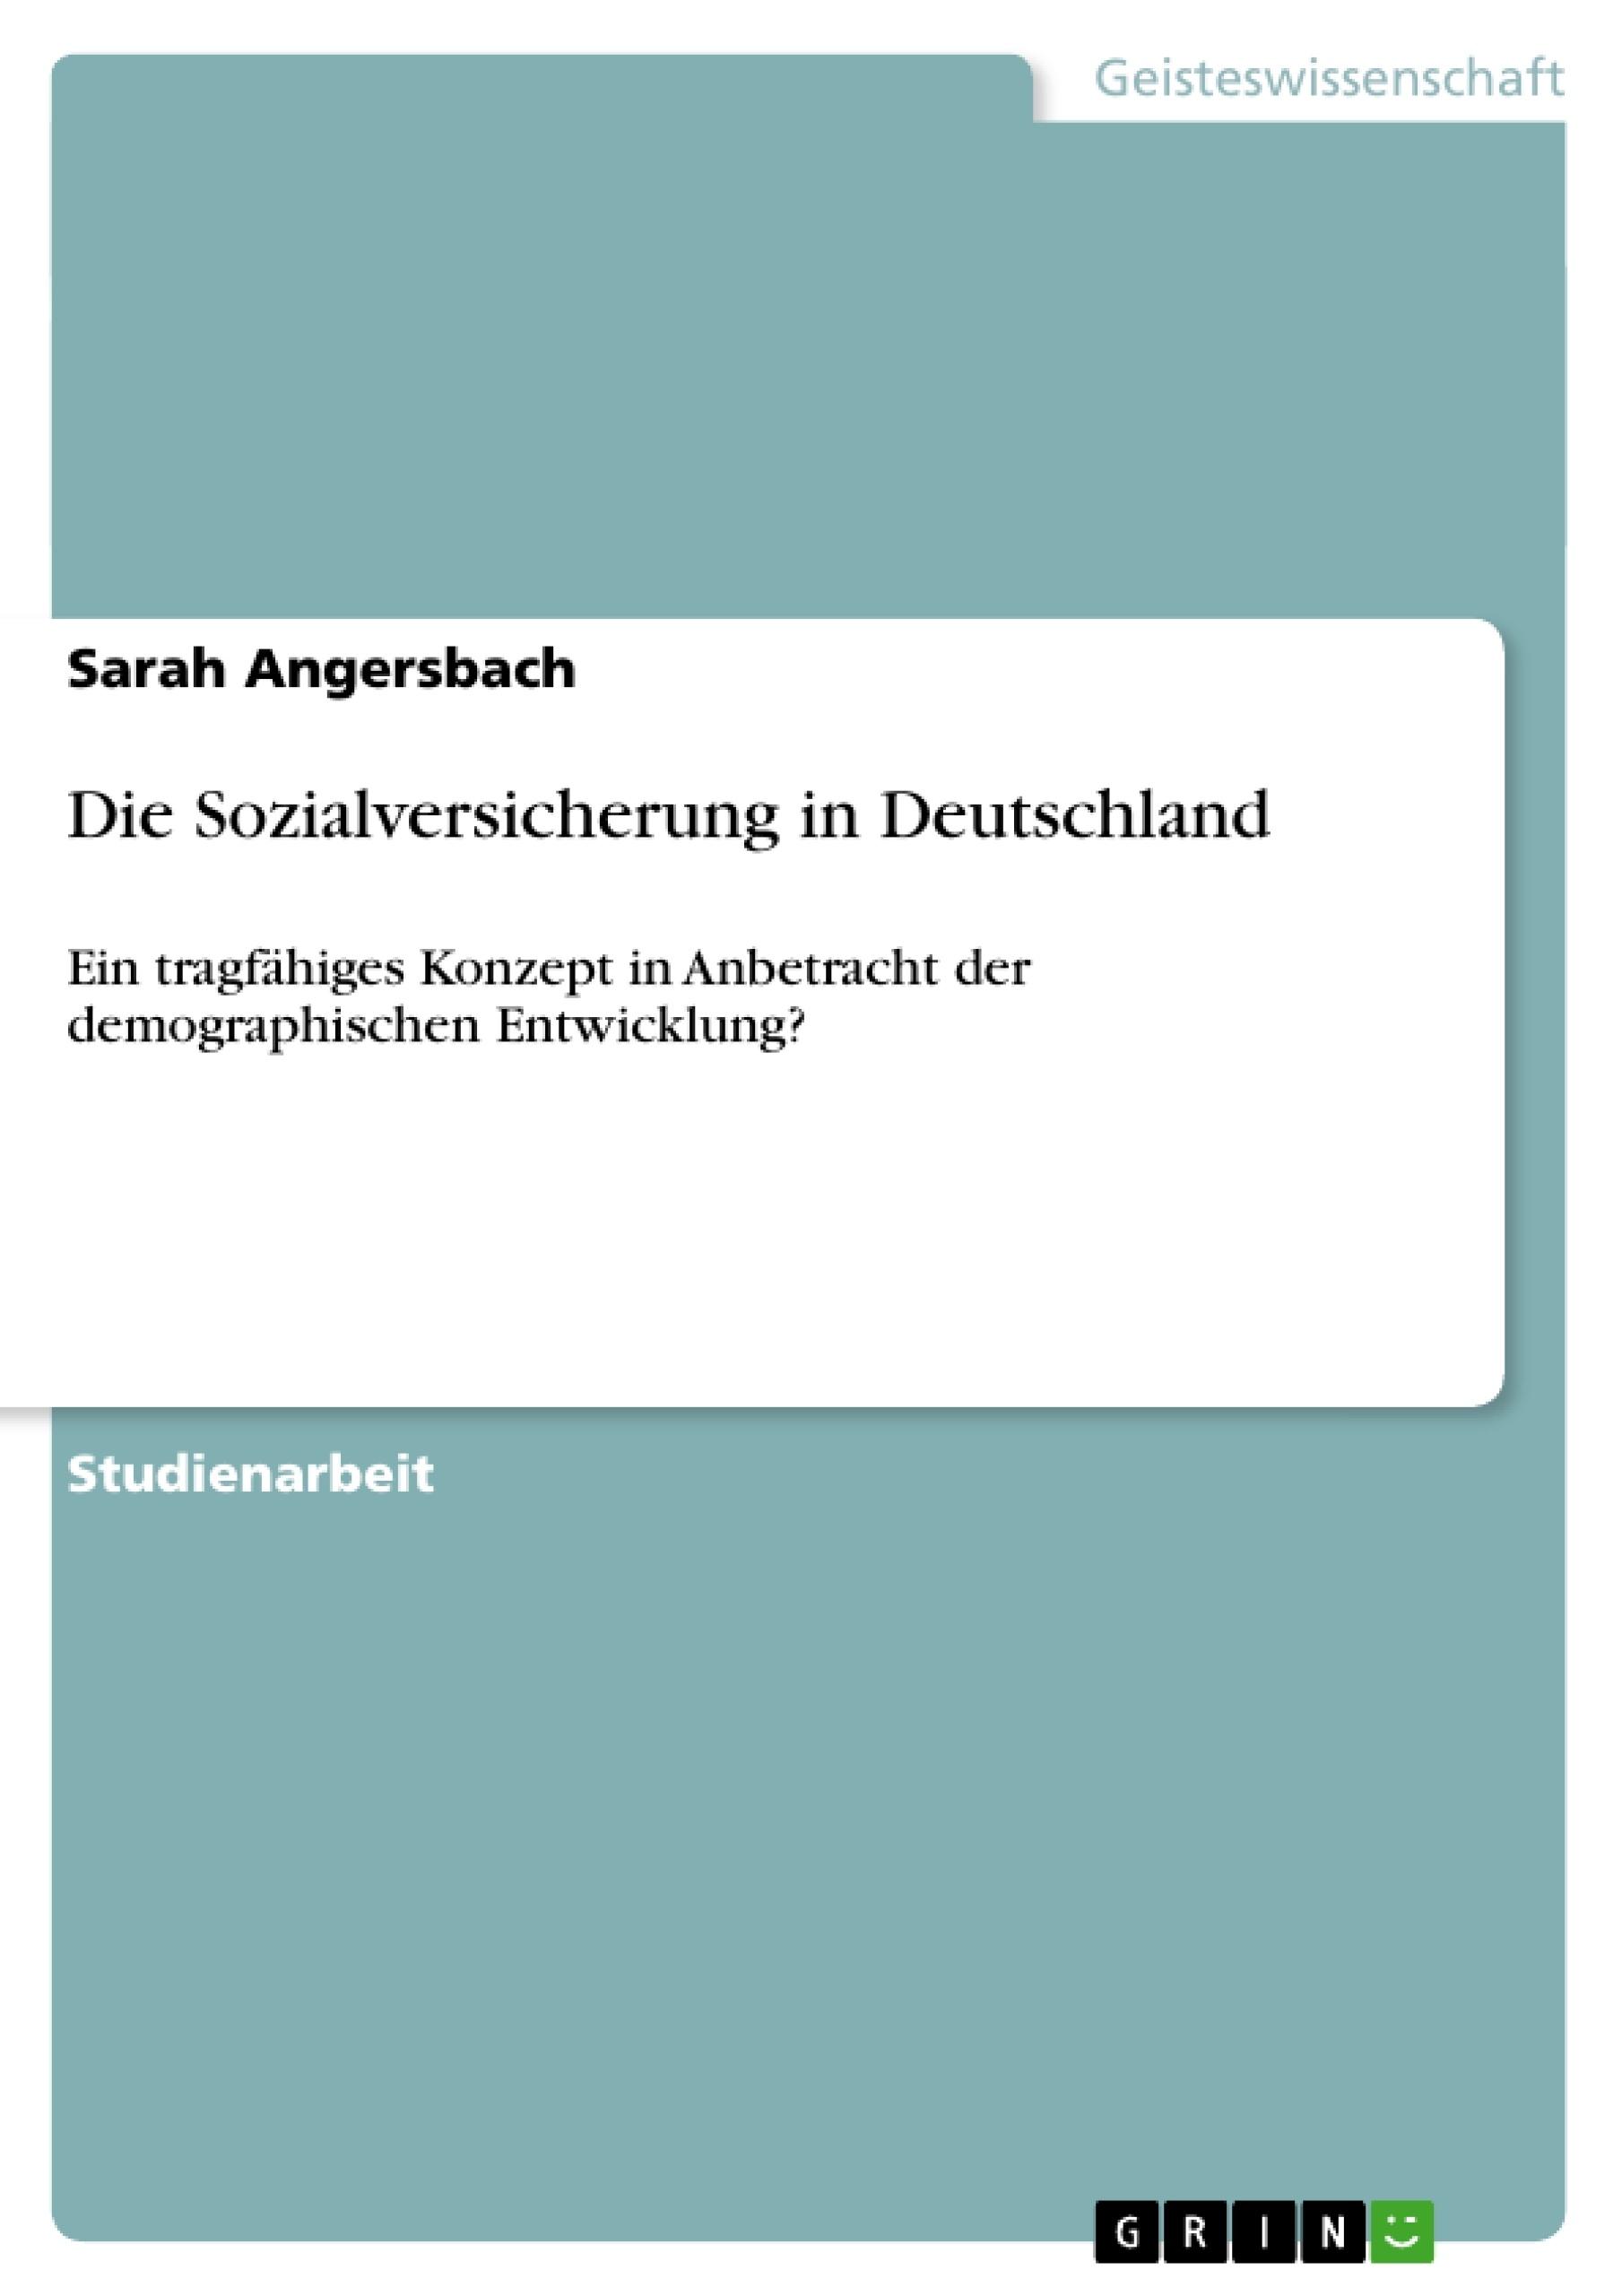 Titel: Die Sozialversicherung in Deutschland